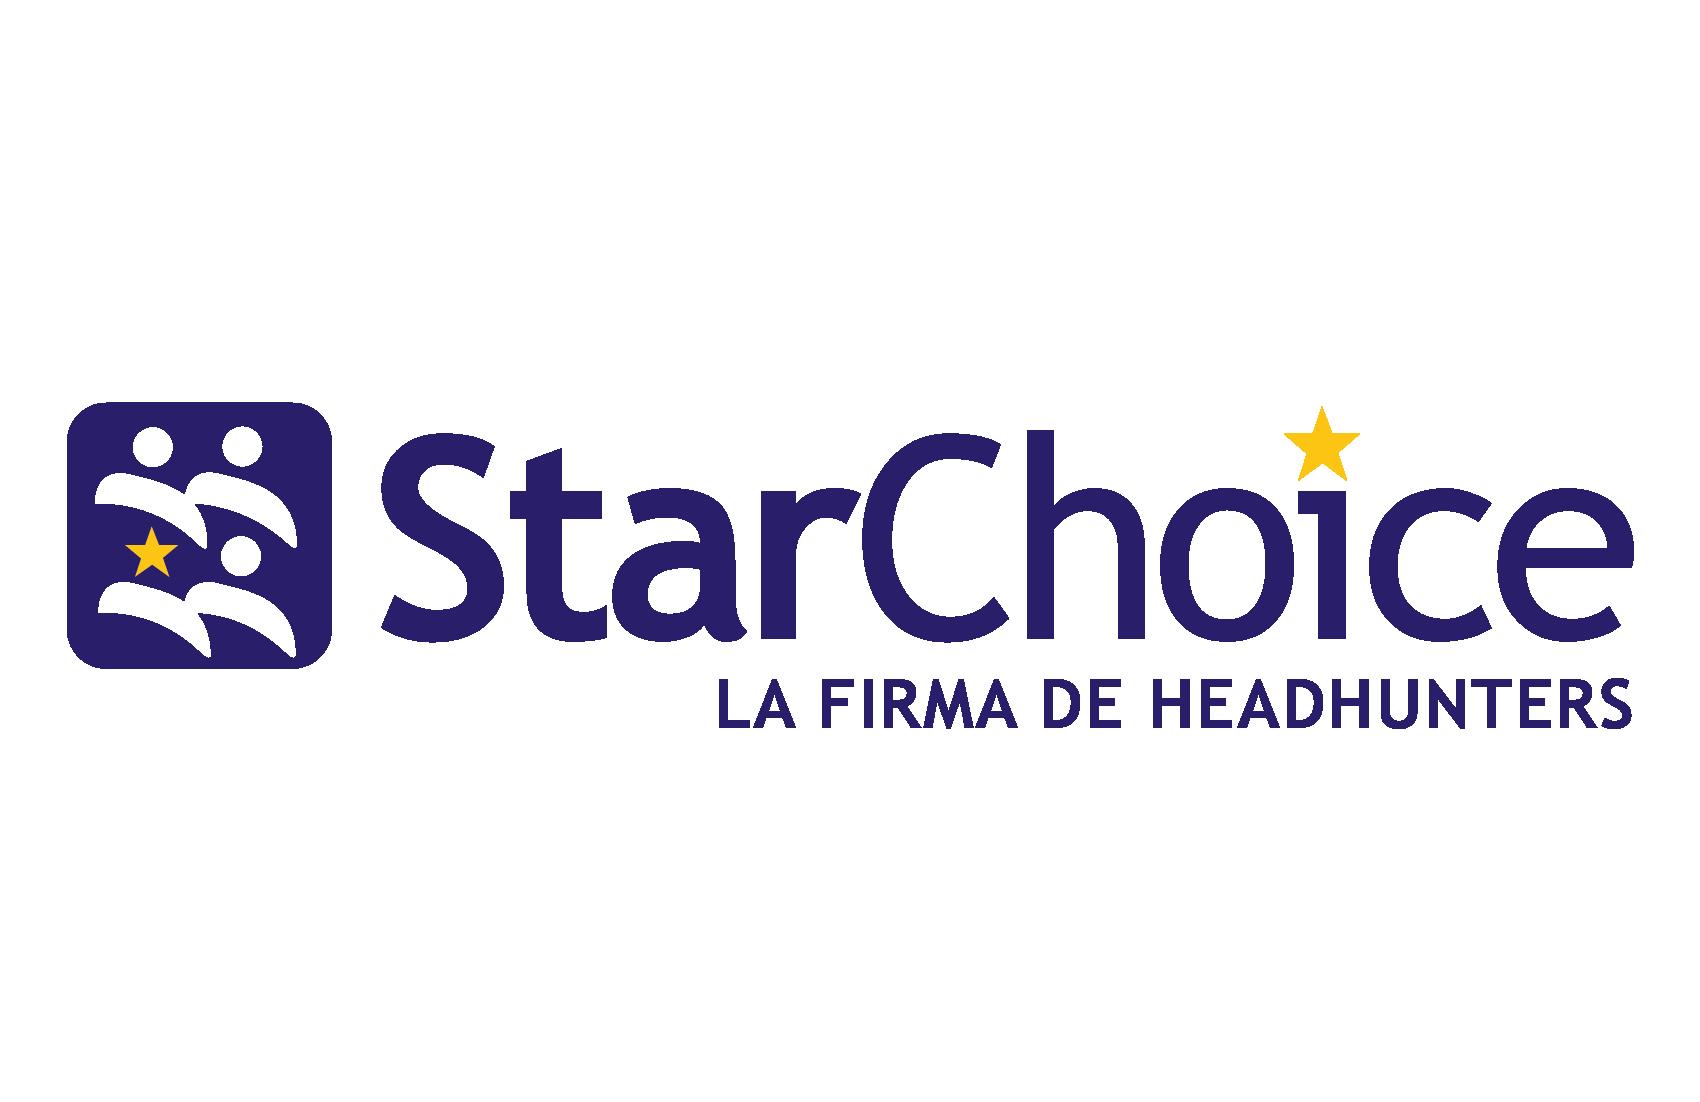 Puestos de nivel ejecutivo para las empresas con StarChoice, la firma de Headhunters